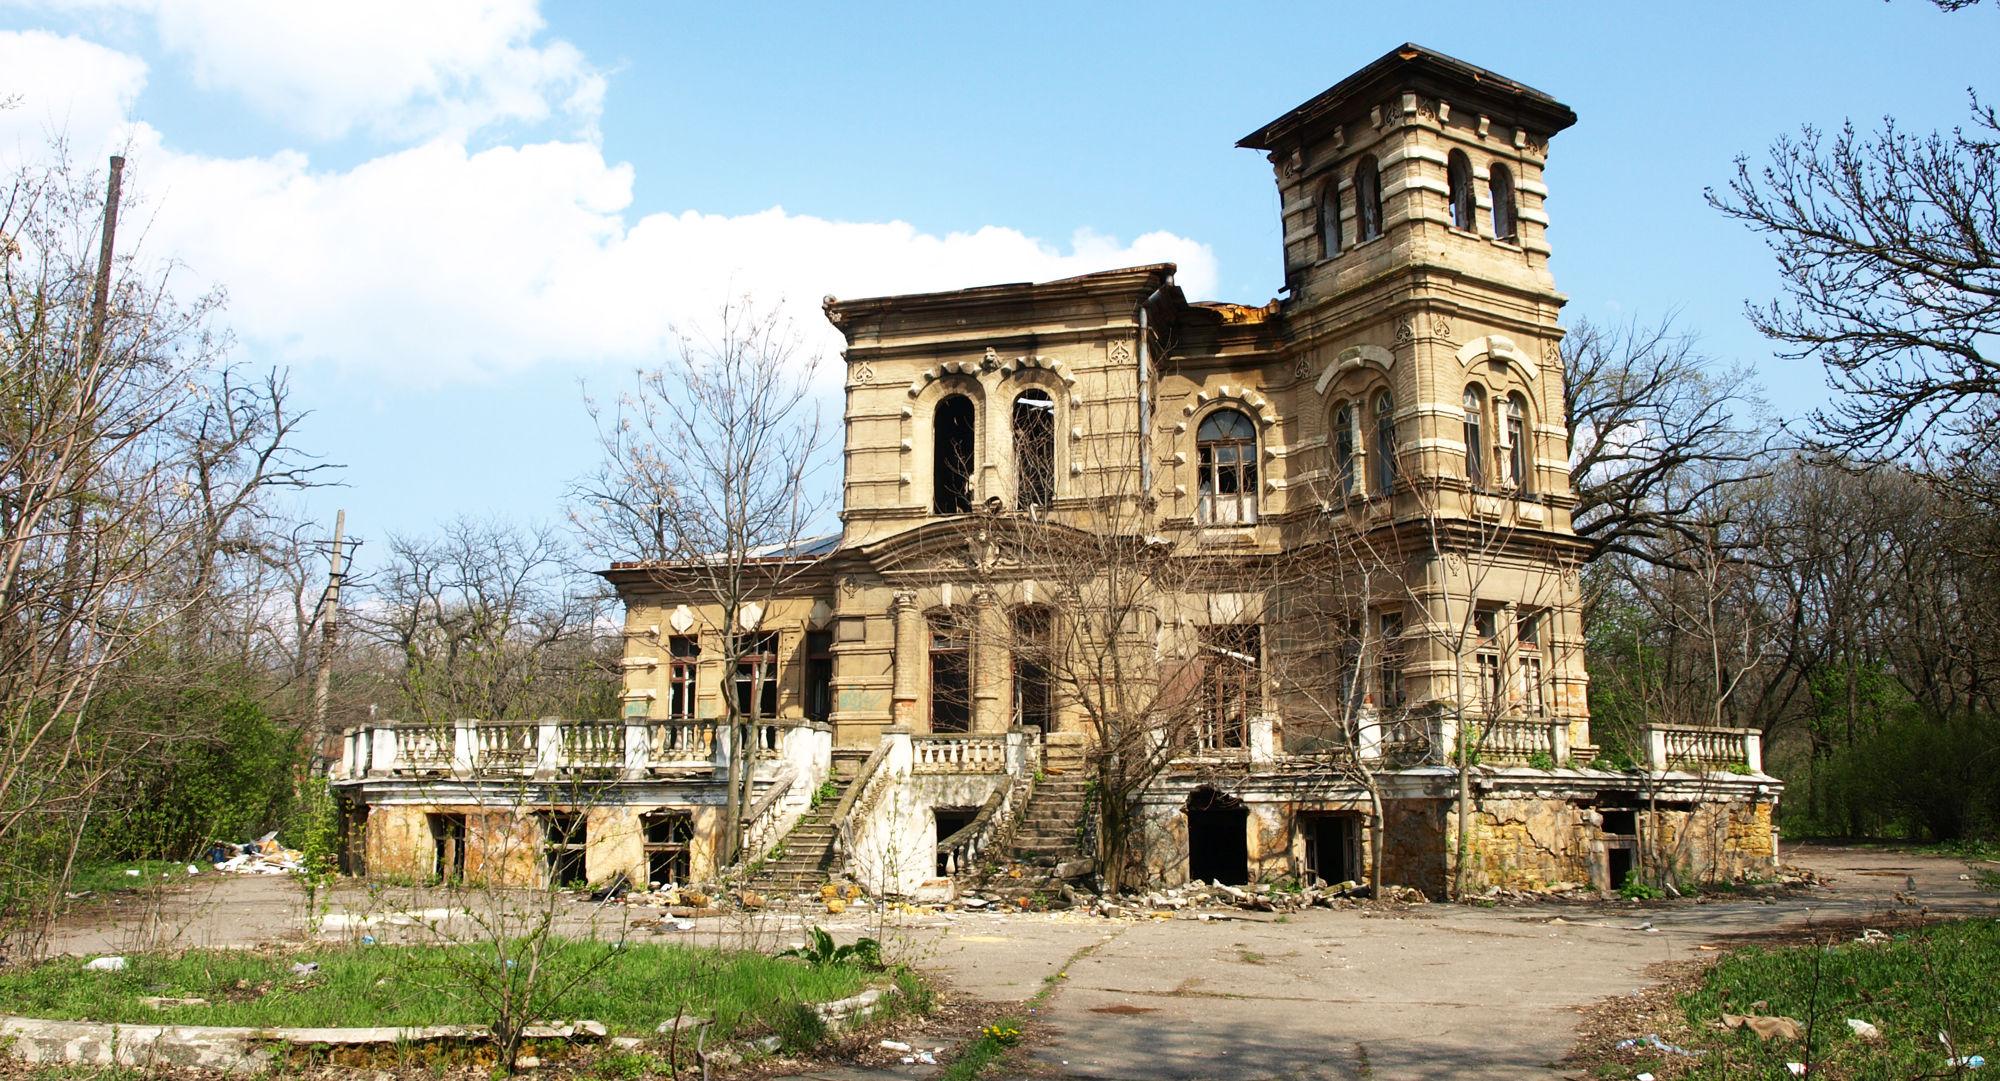 КЛИЧКО ВОР: Компанія Гефест будує ЖК на землі колишнього санаторію